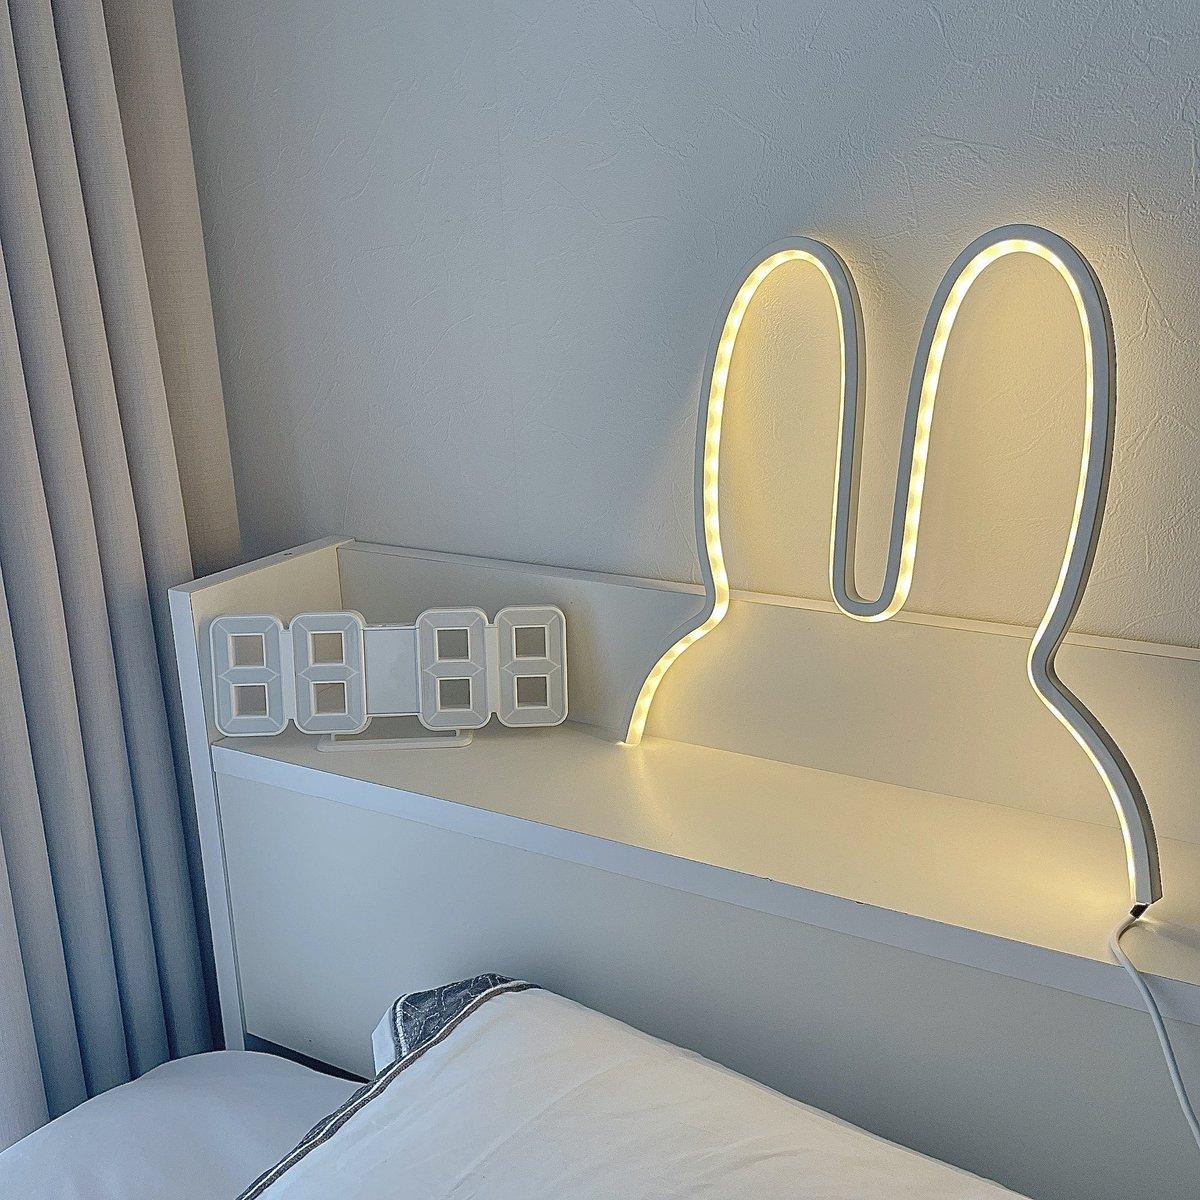 寝室にピッタリ!キュートすぎるうさぎ型のライト!